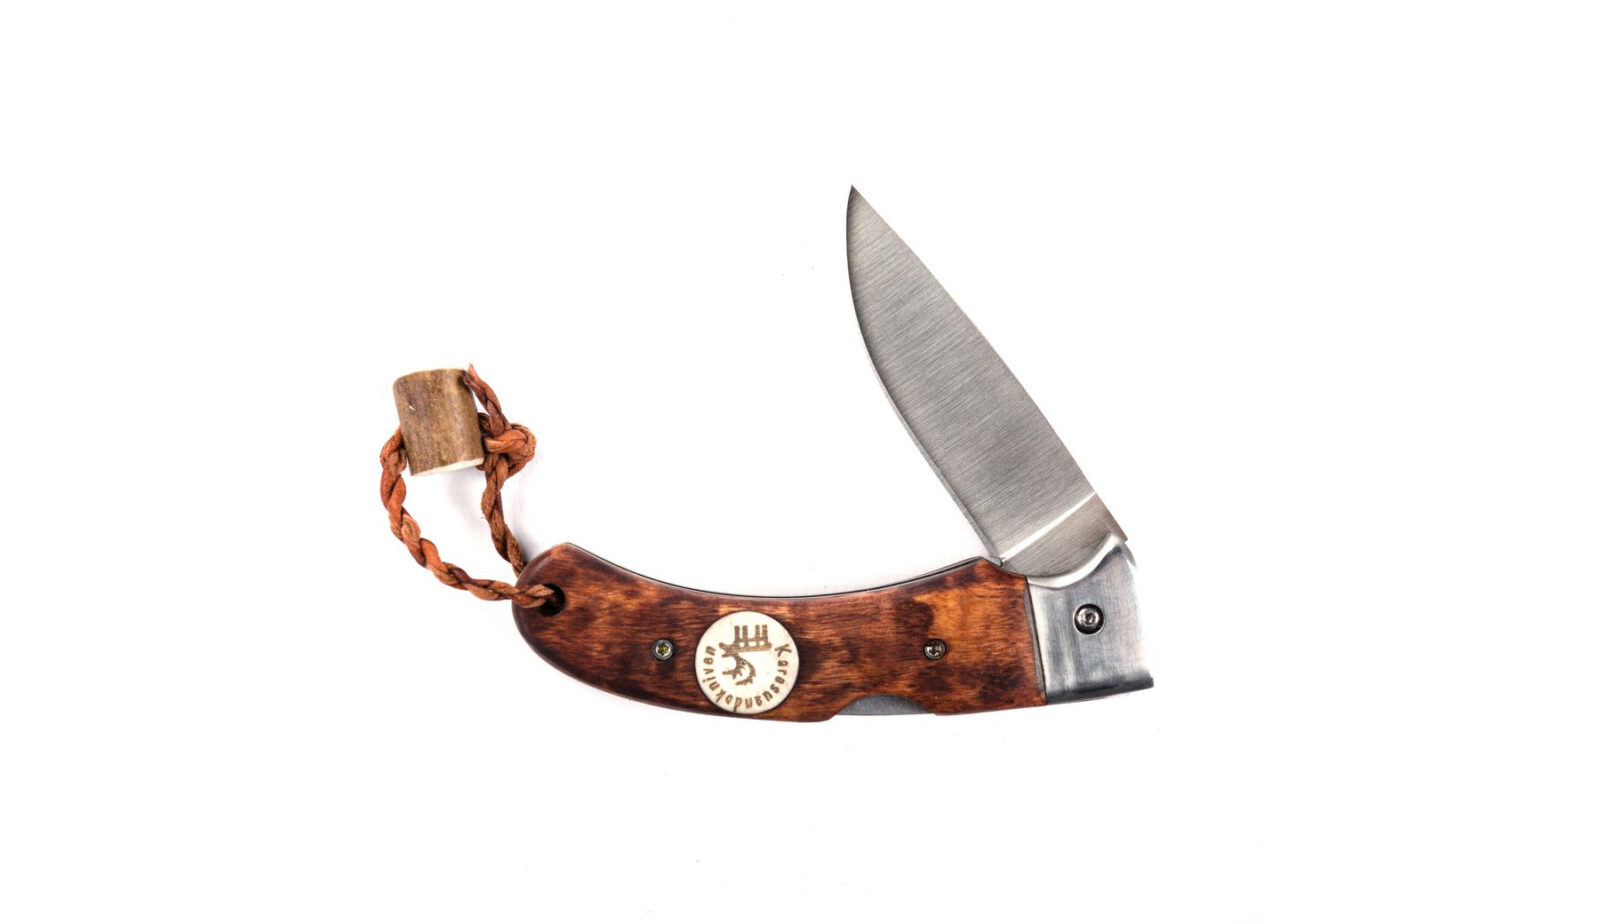 Singi Fallkniv Arctic Knife 1600x924 - Singi Fallkniv Arctic Knife